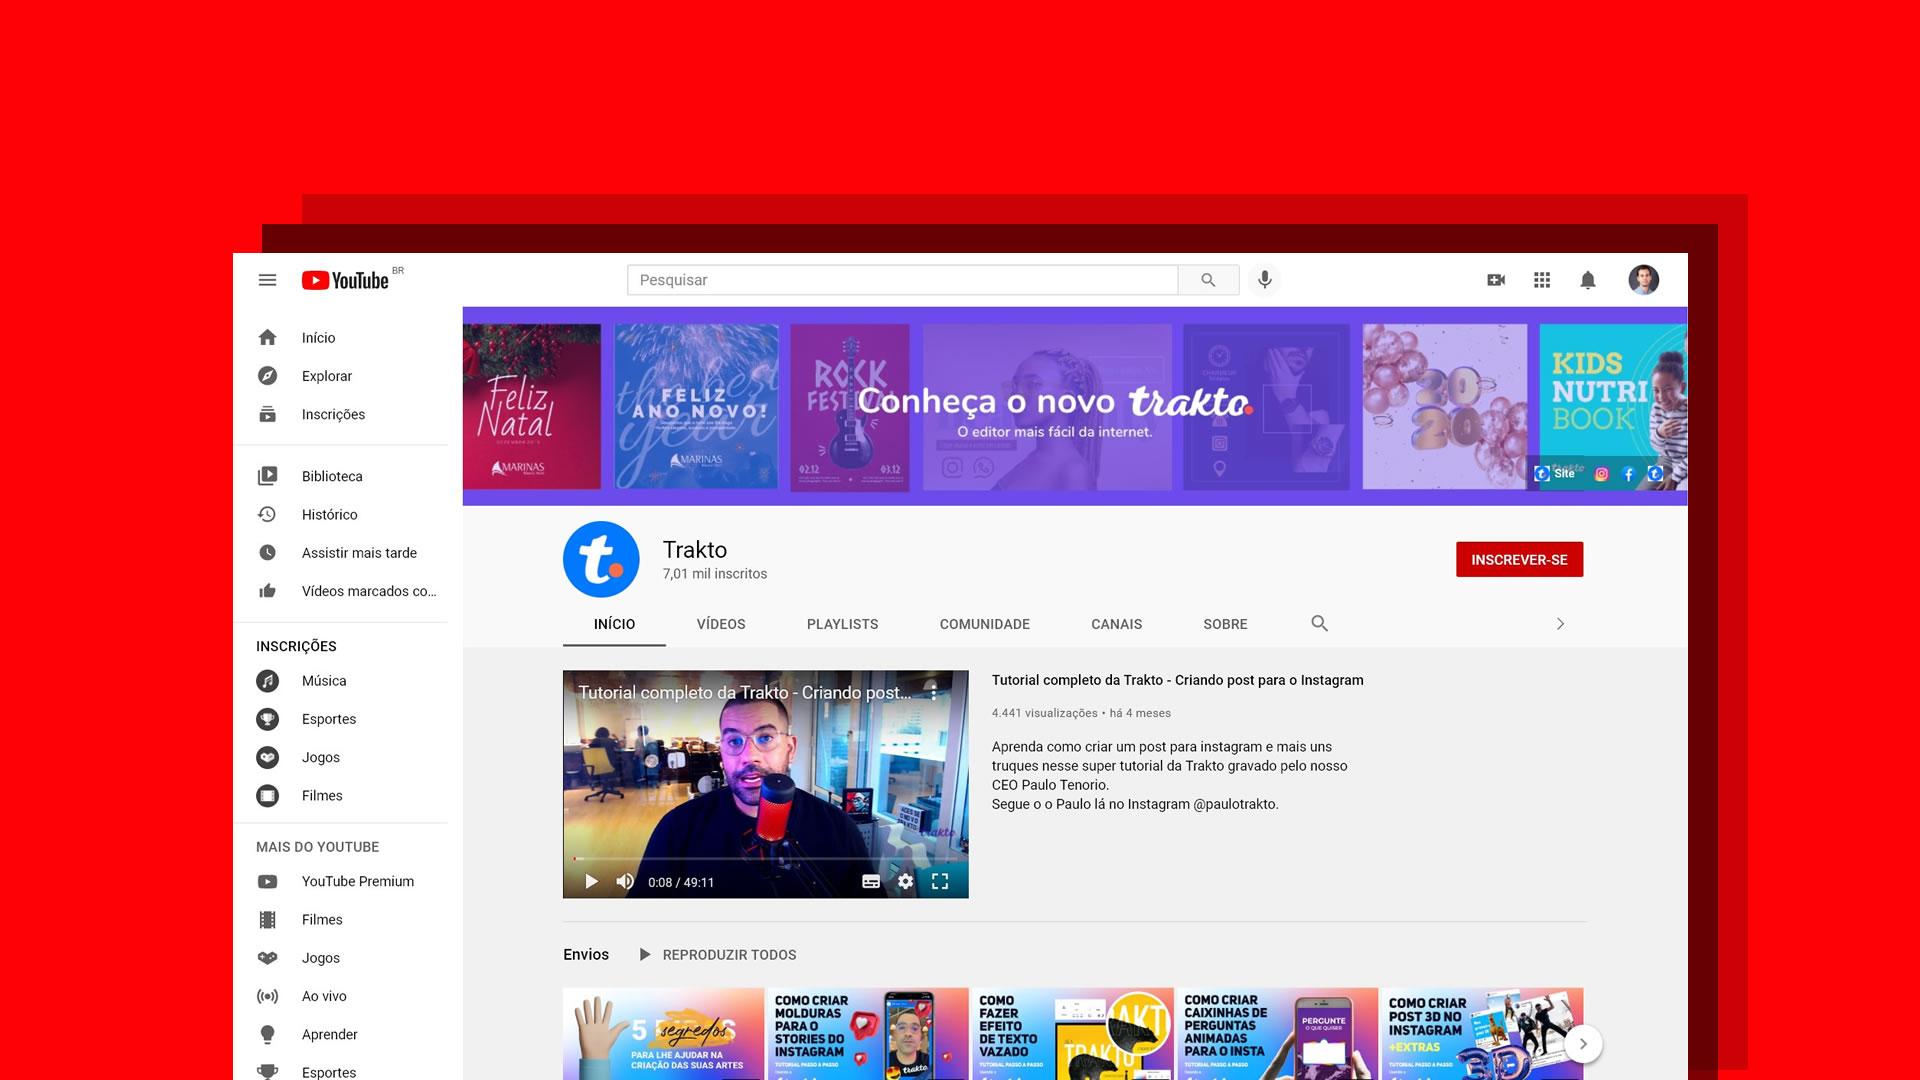 trakto youtube - Como criar banner ou capa para canal do YouTube em 5 passos